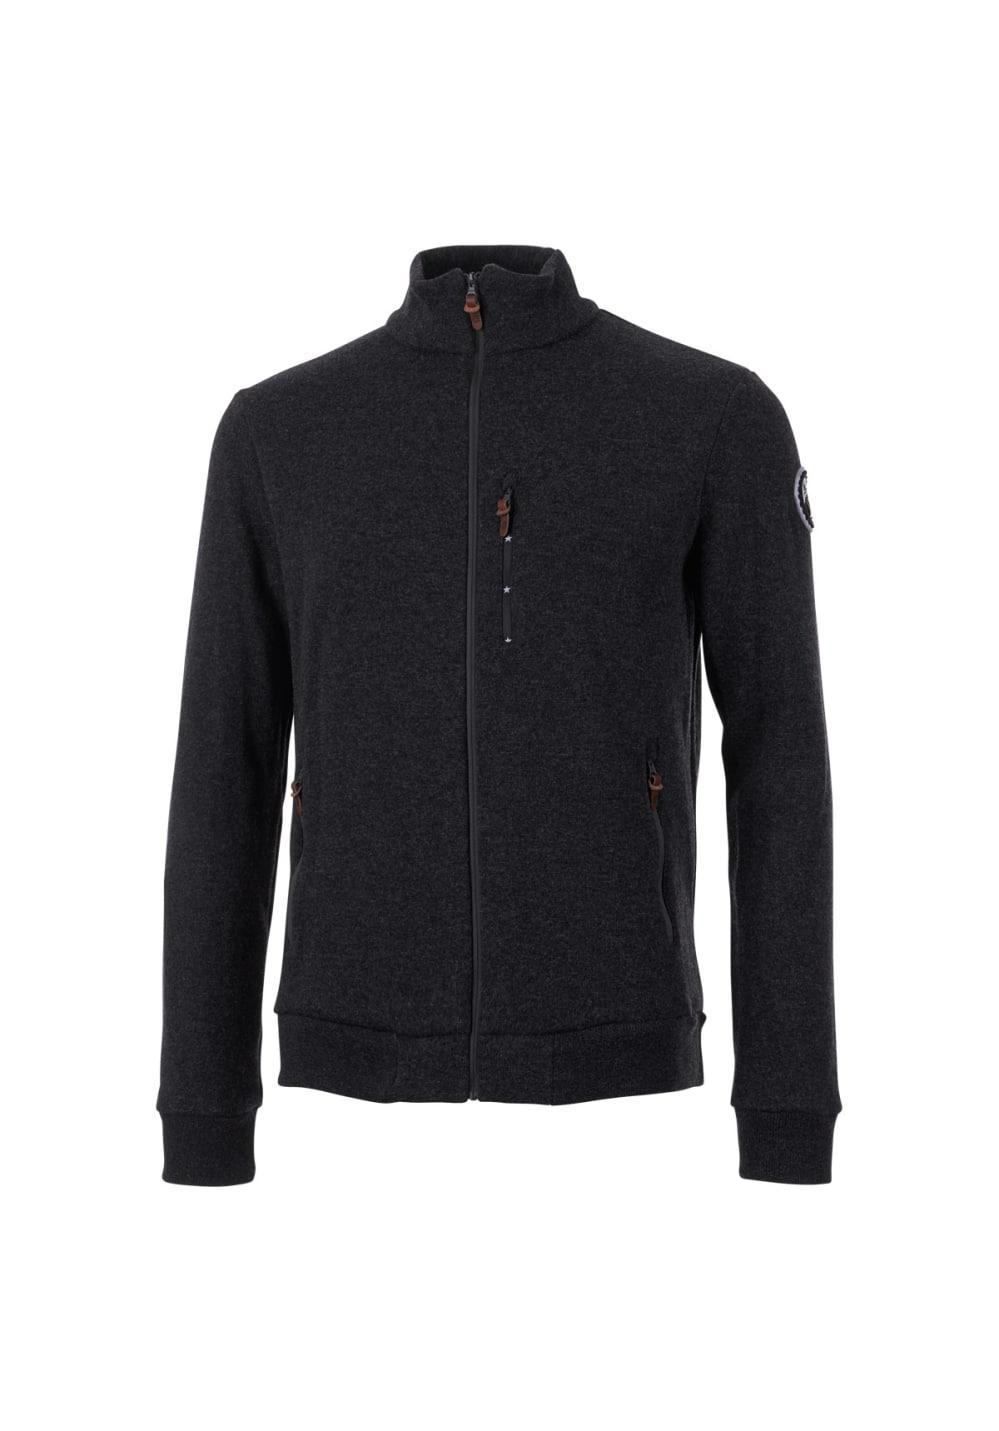 Maloja BradwoodM. Fleece Jacket - Freizeitbekleidung für Herren - Schwarz, Gr.